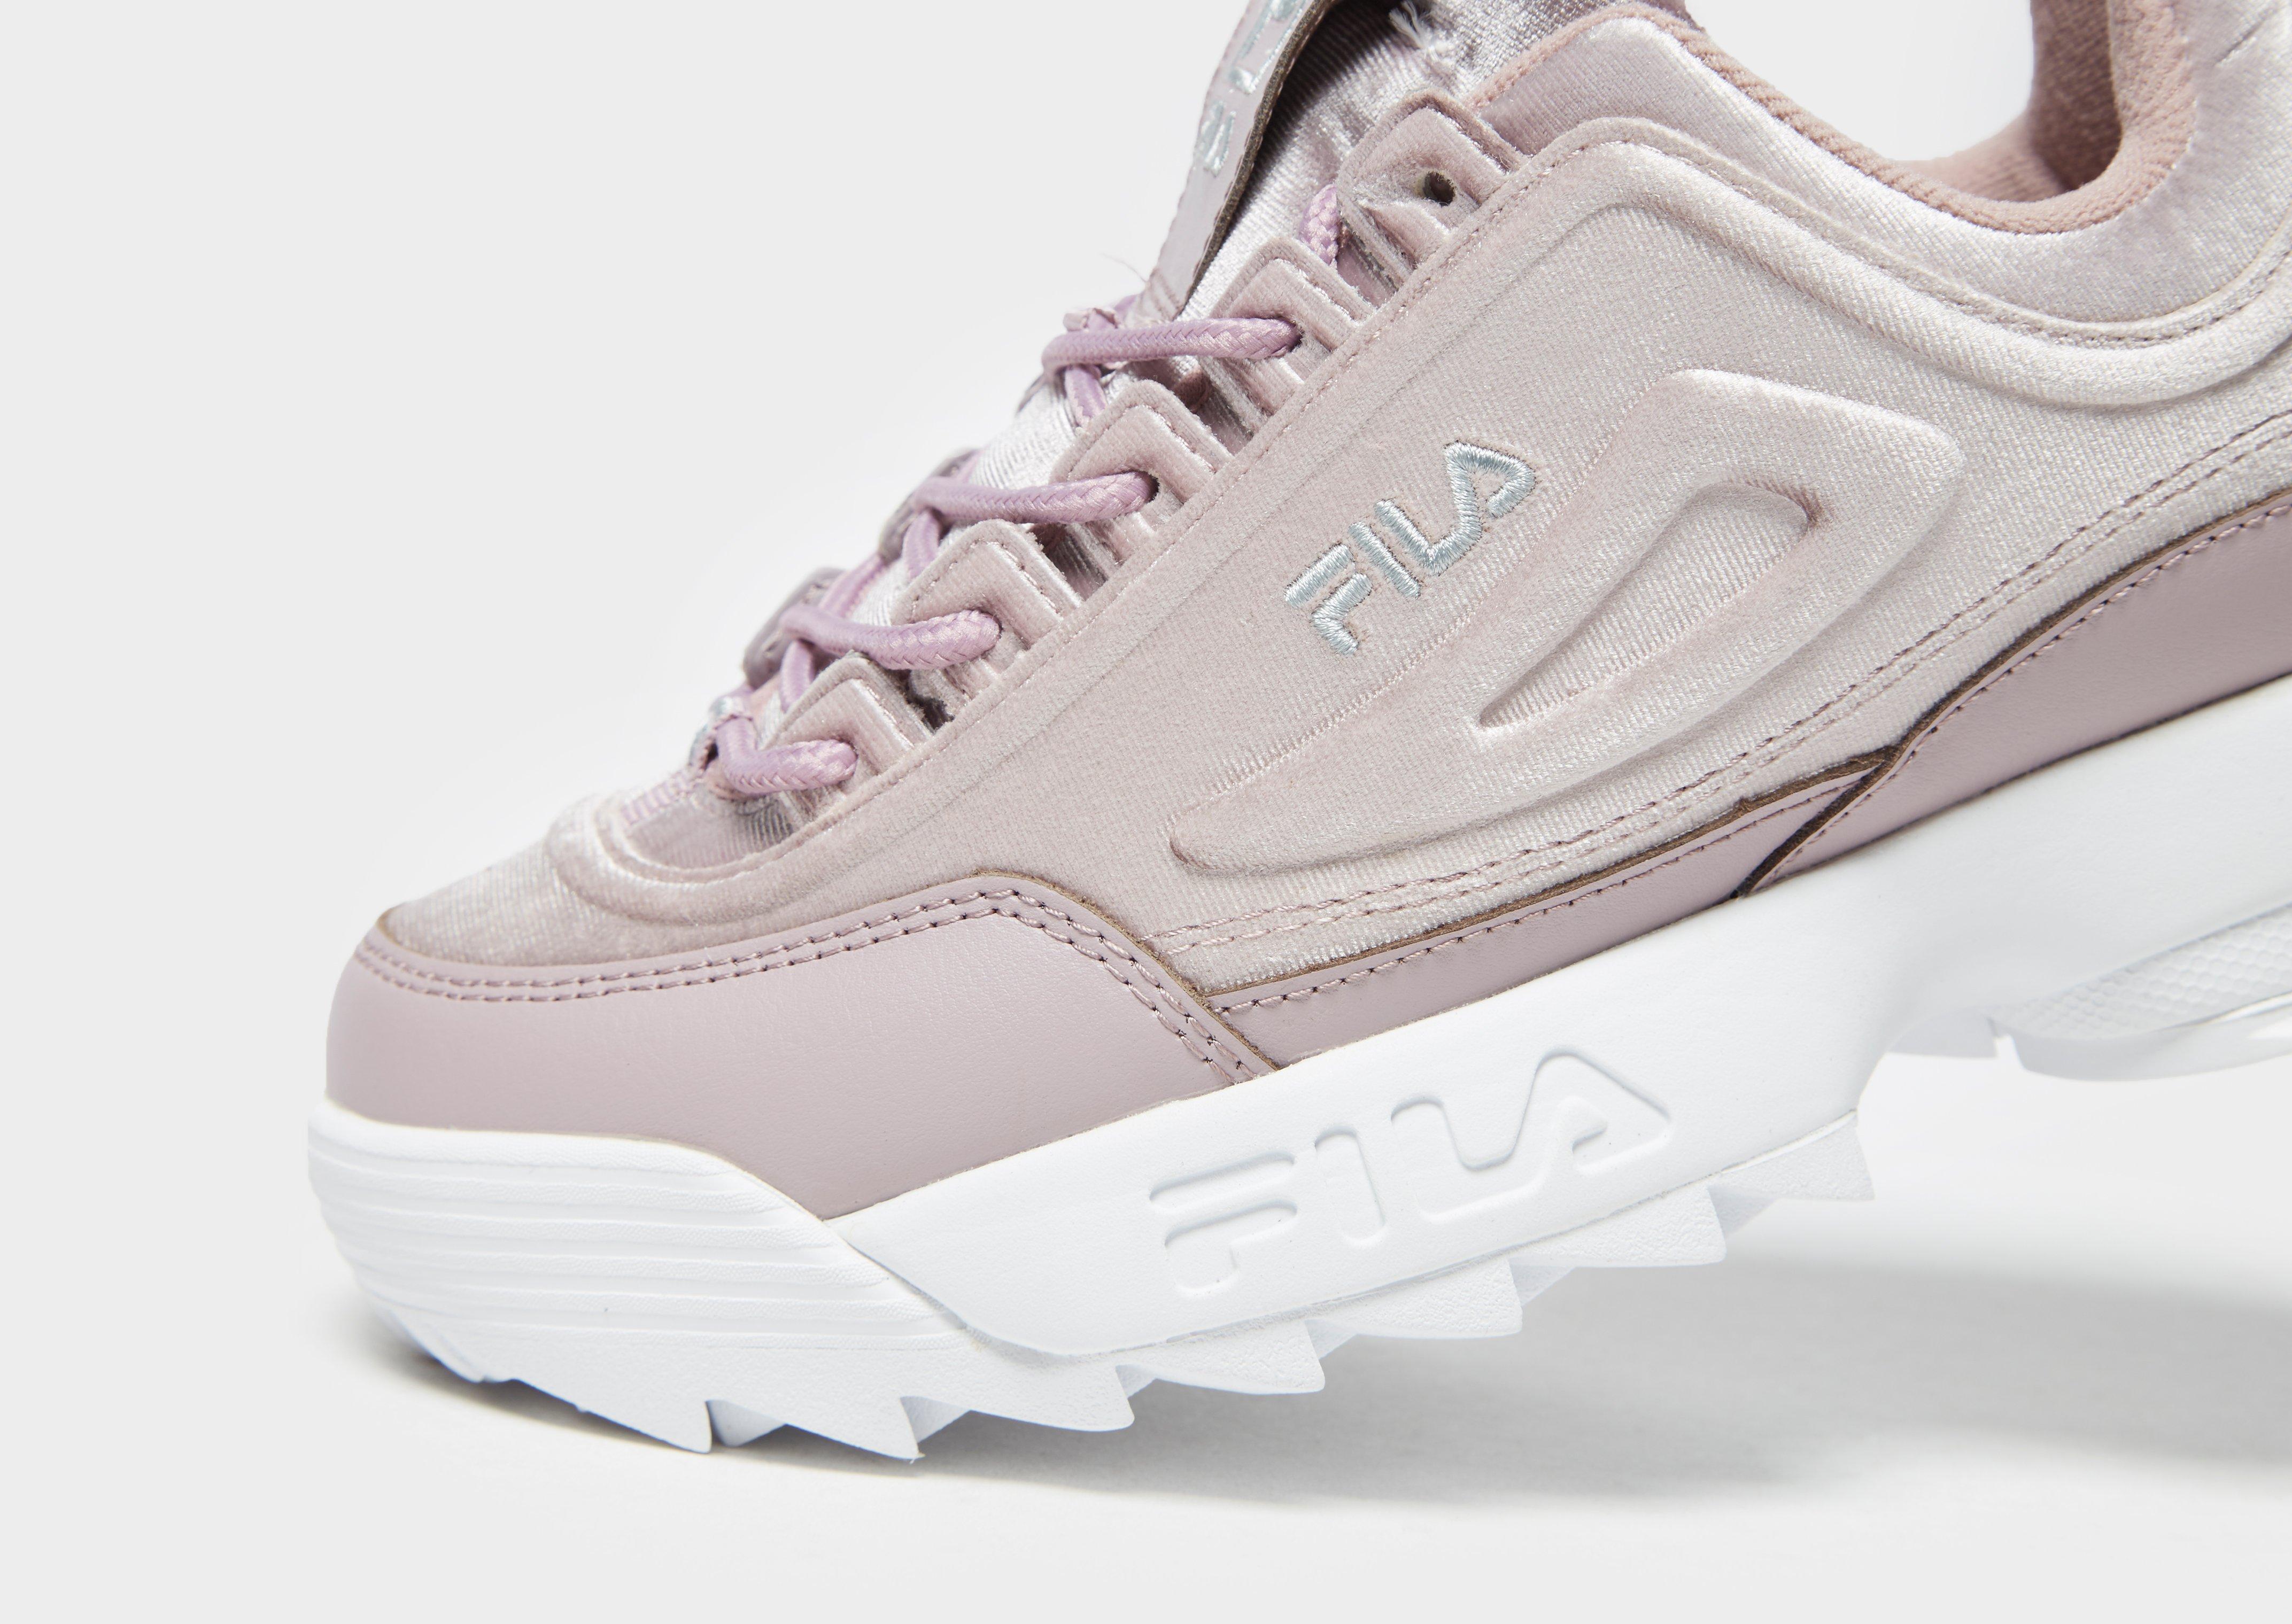 Fila Disruptor Velvet in Pink/Silver